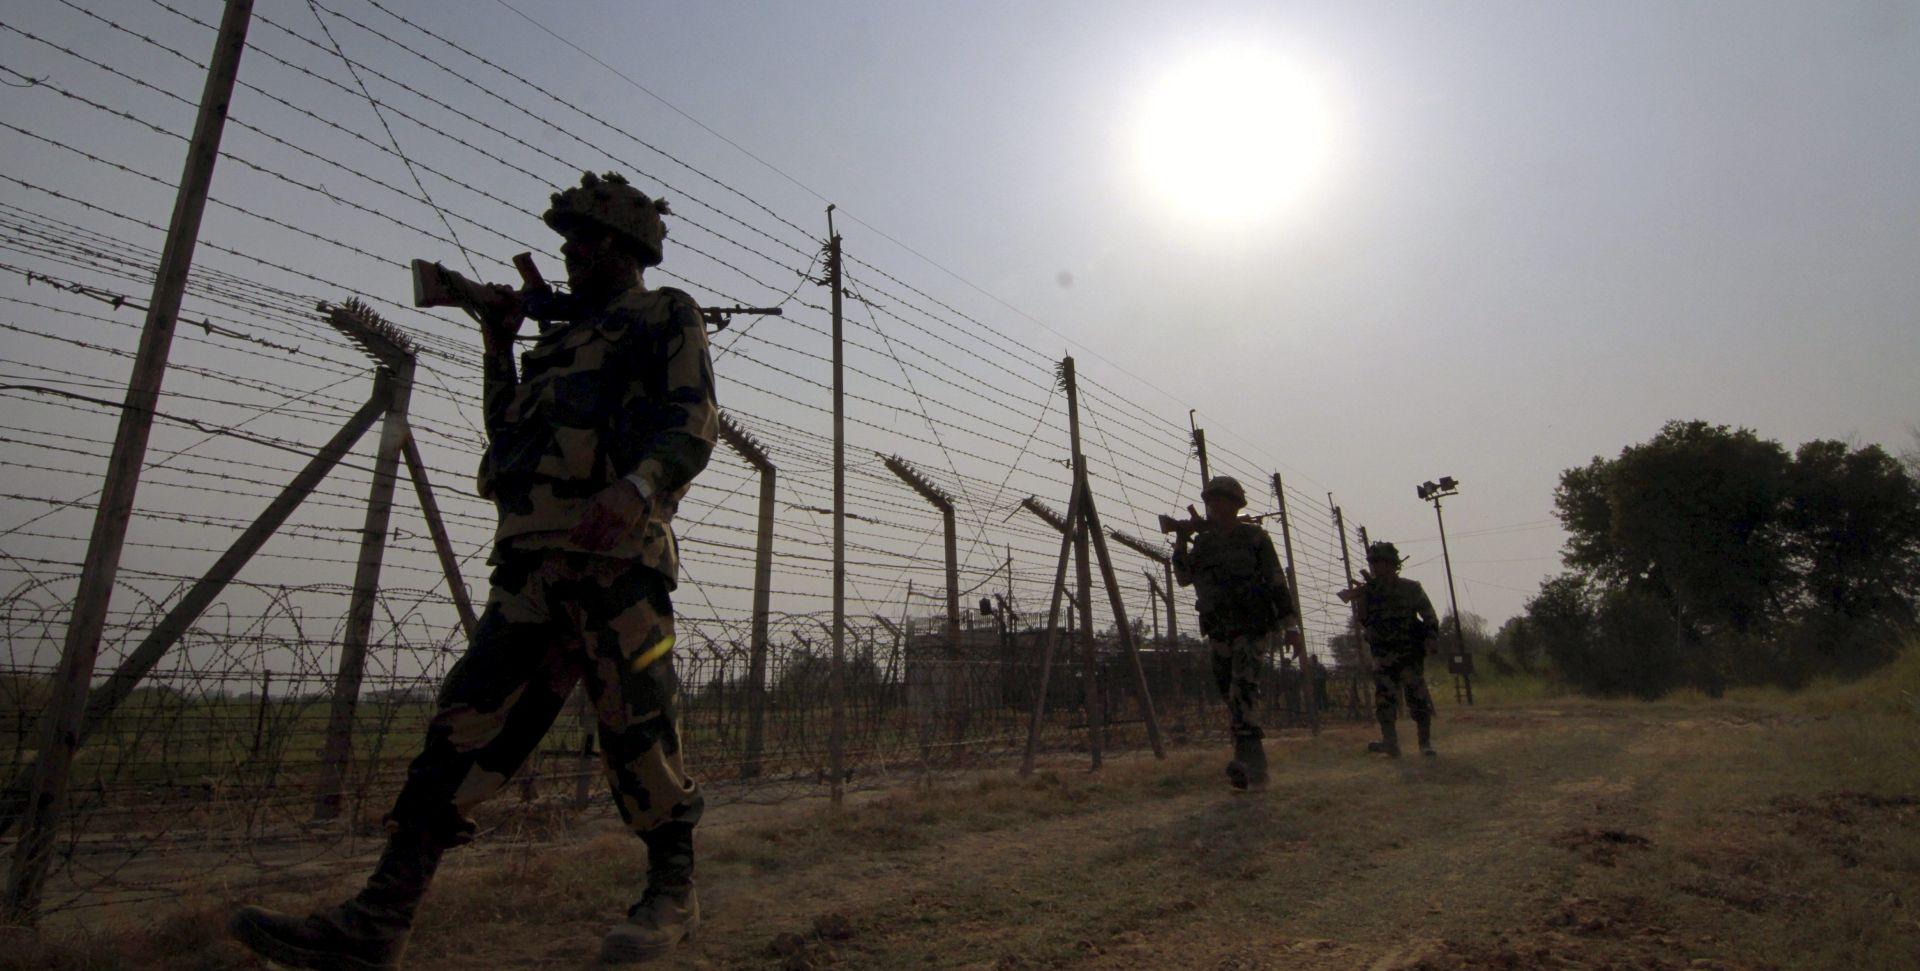 Pakistanska vojska uhitila talibanskog glasnogovornika i spriječila napad IS-a